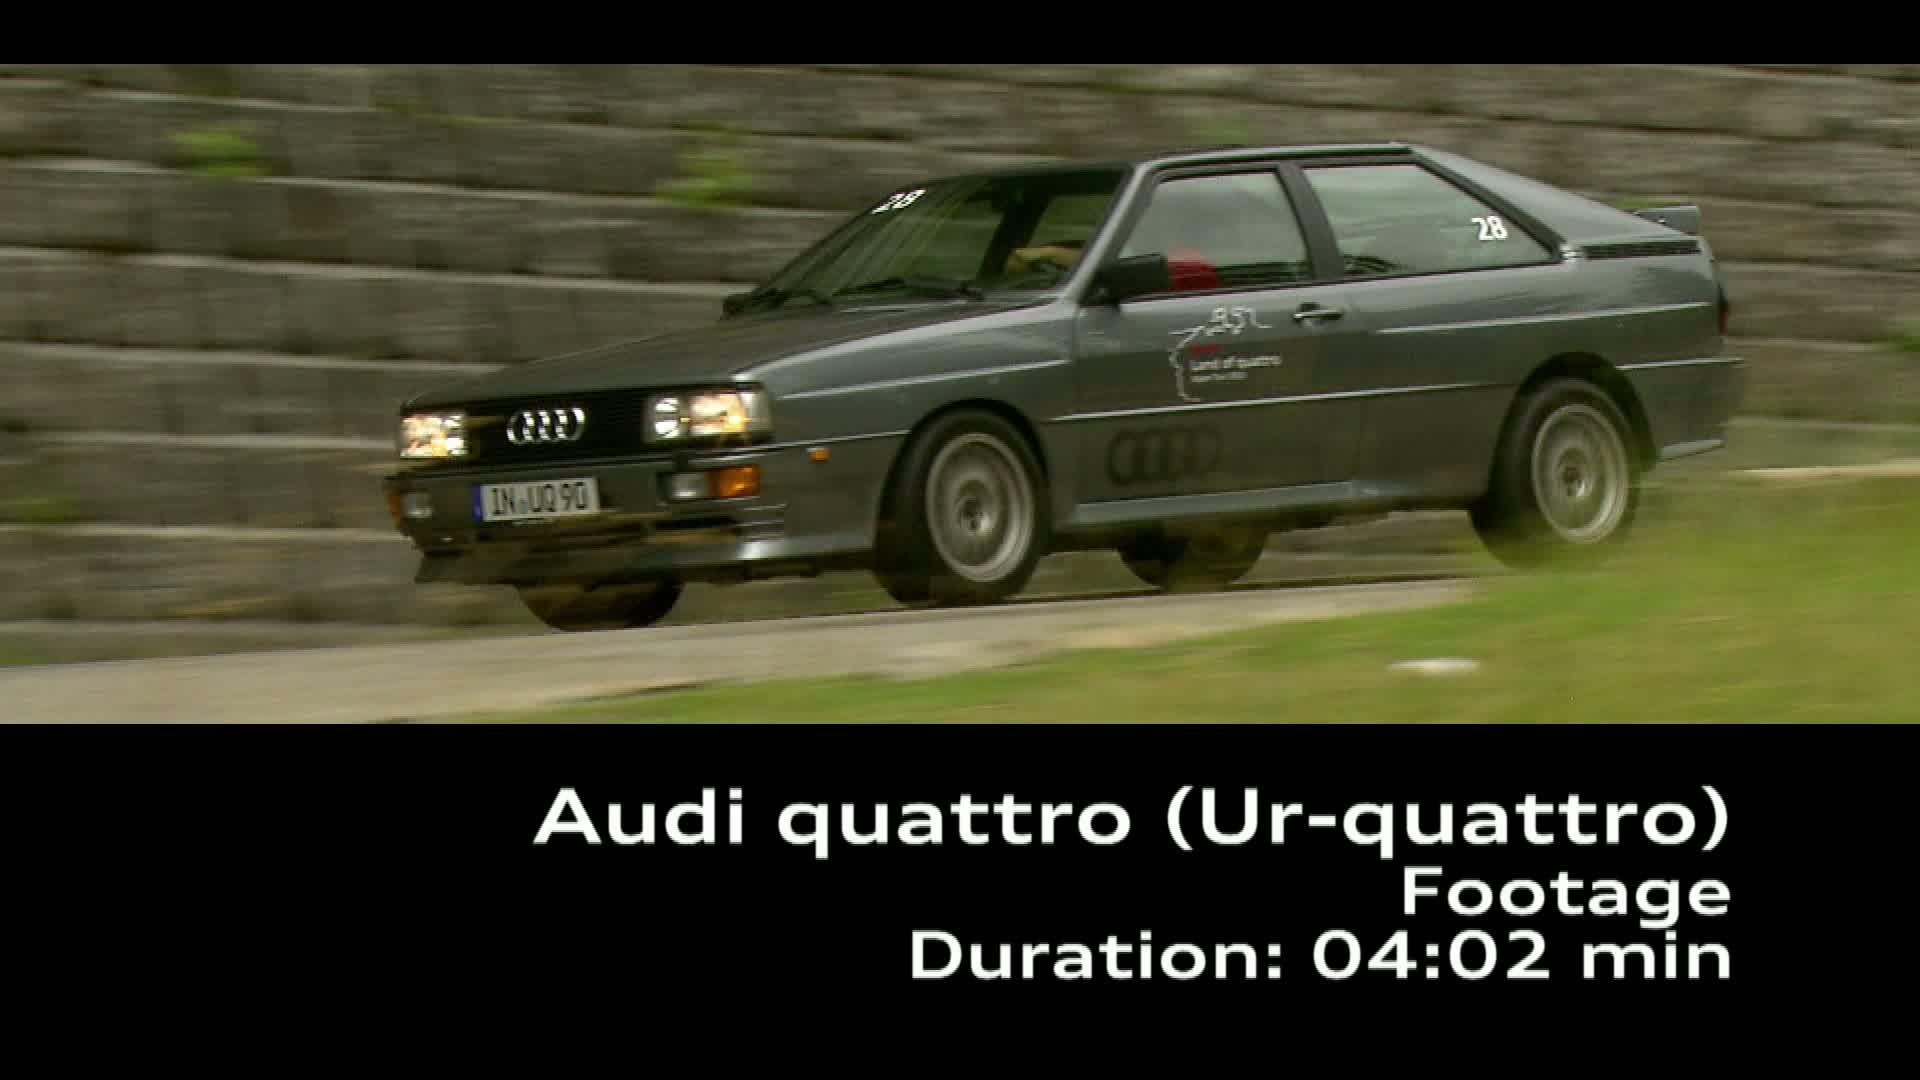 Der Audi quattro (Ur-quattro) - Footage